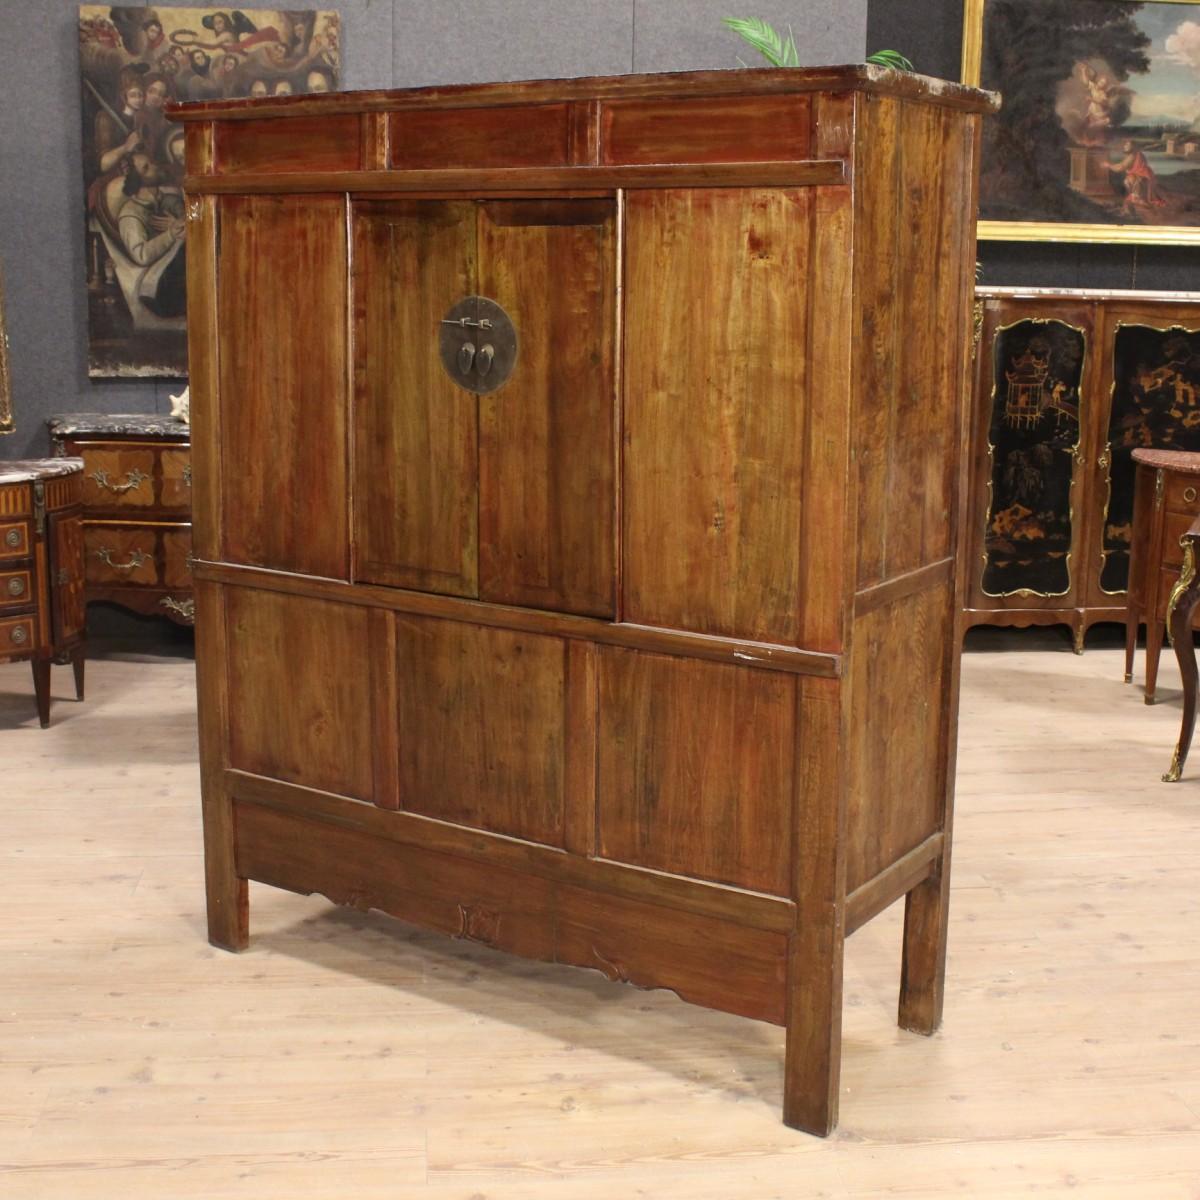 Credenza orientale in legno massello del xx secolo - Mobile credenza ...